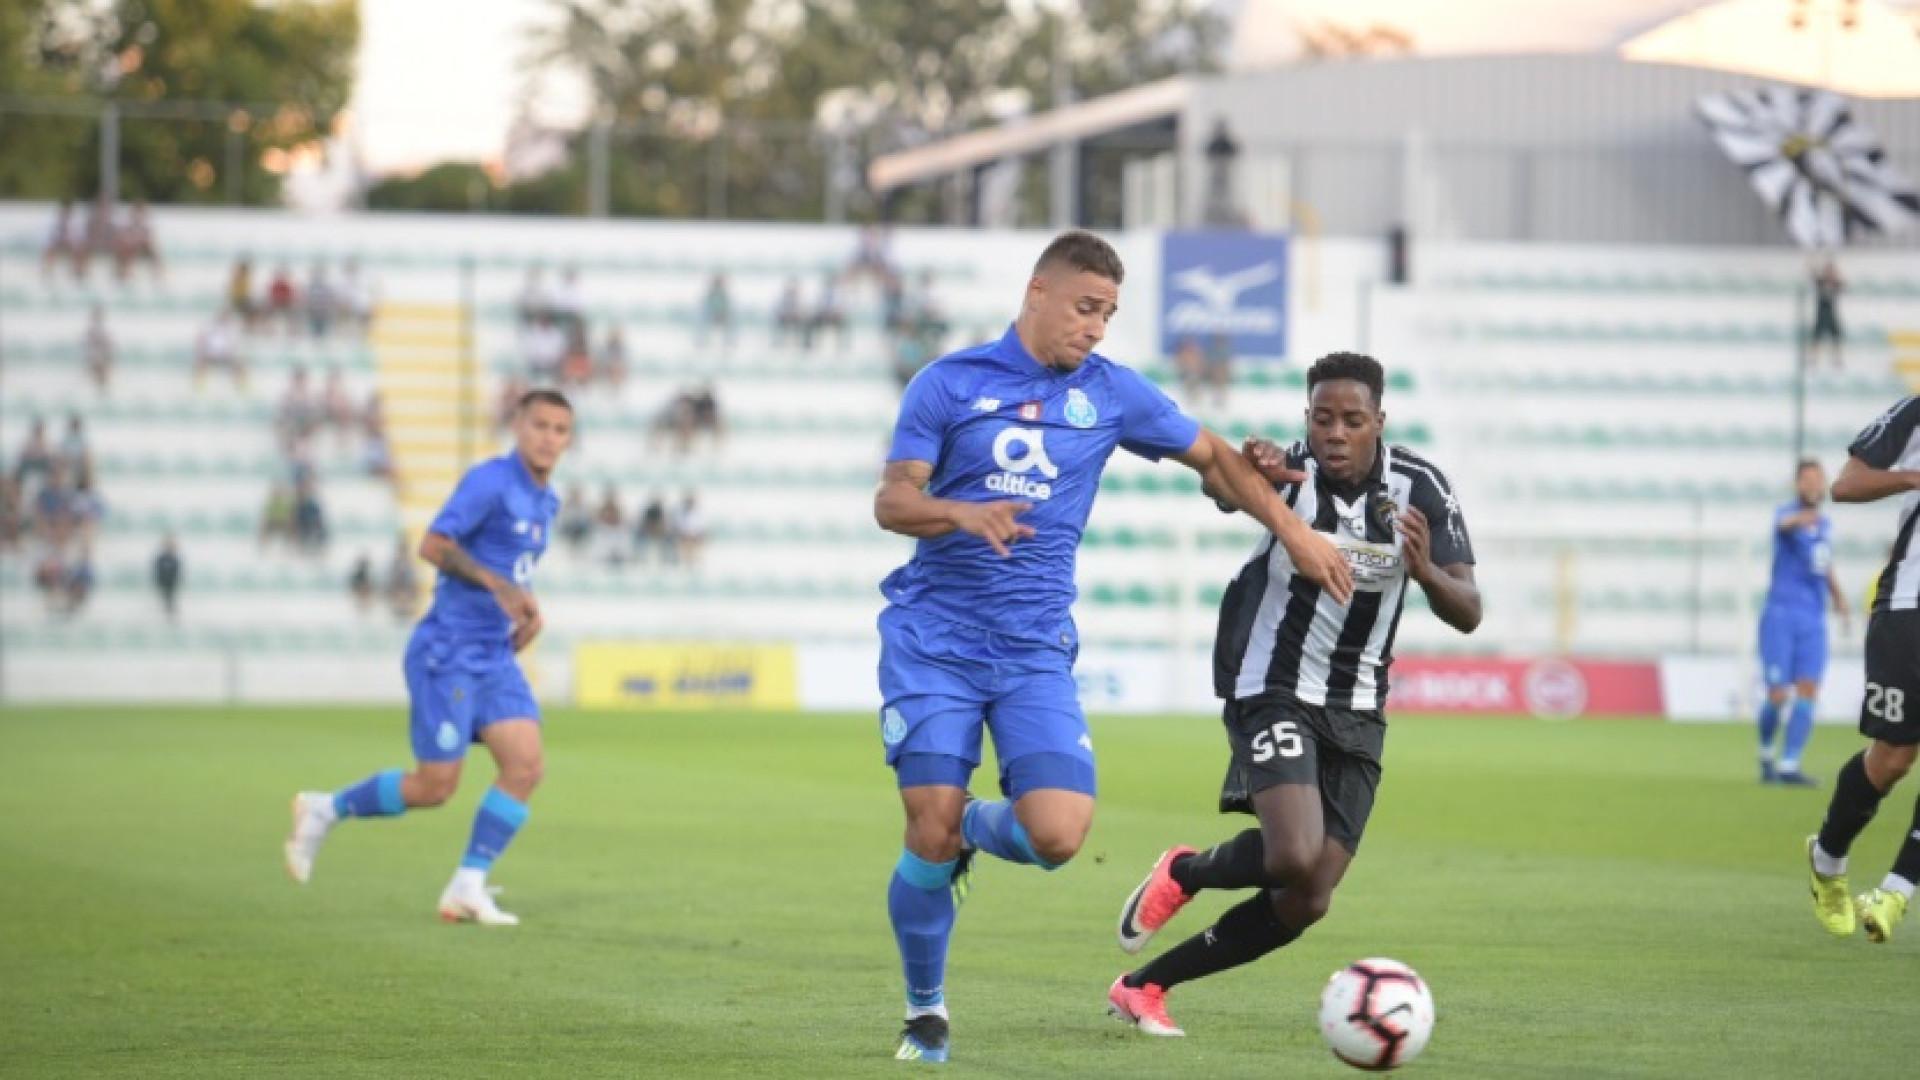 Portimonense inflige primeira derrota na pré-época ao FC Porto